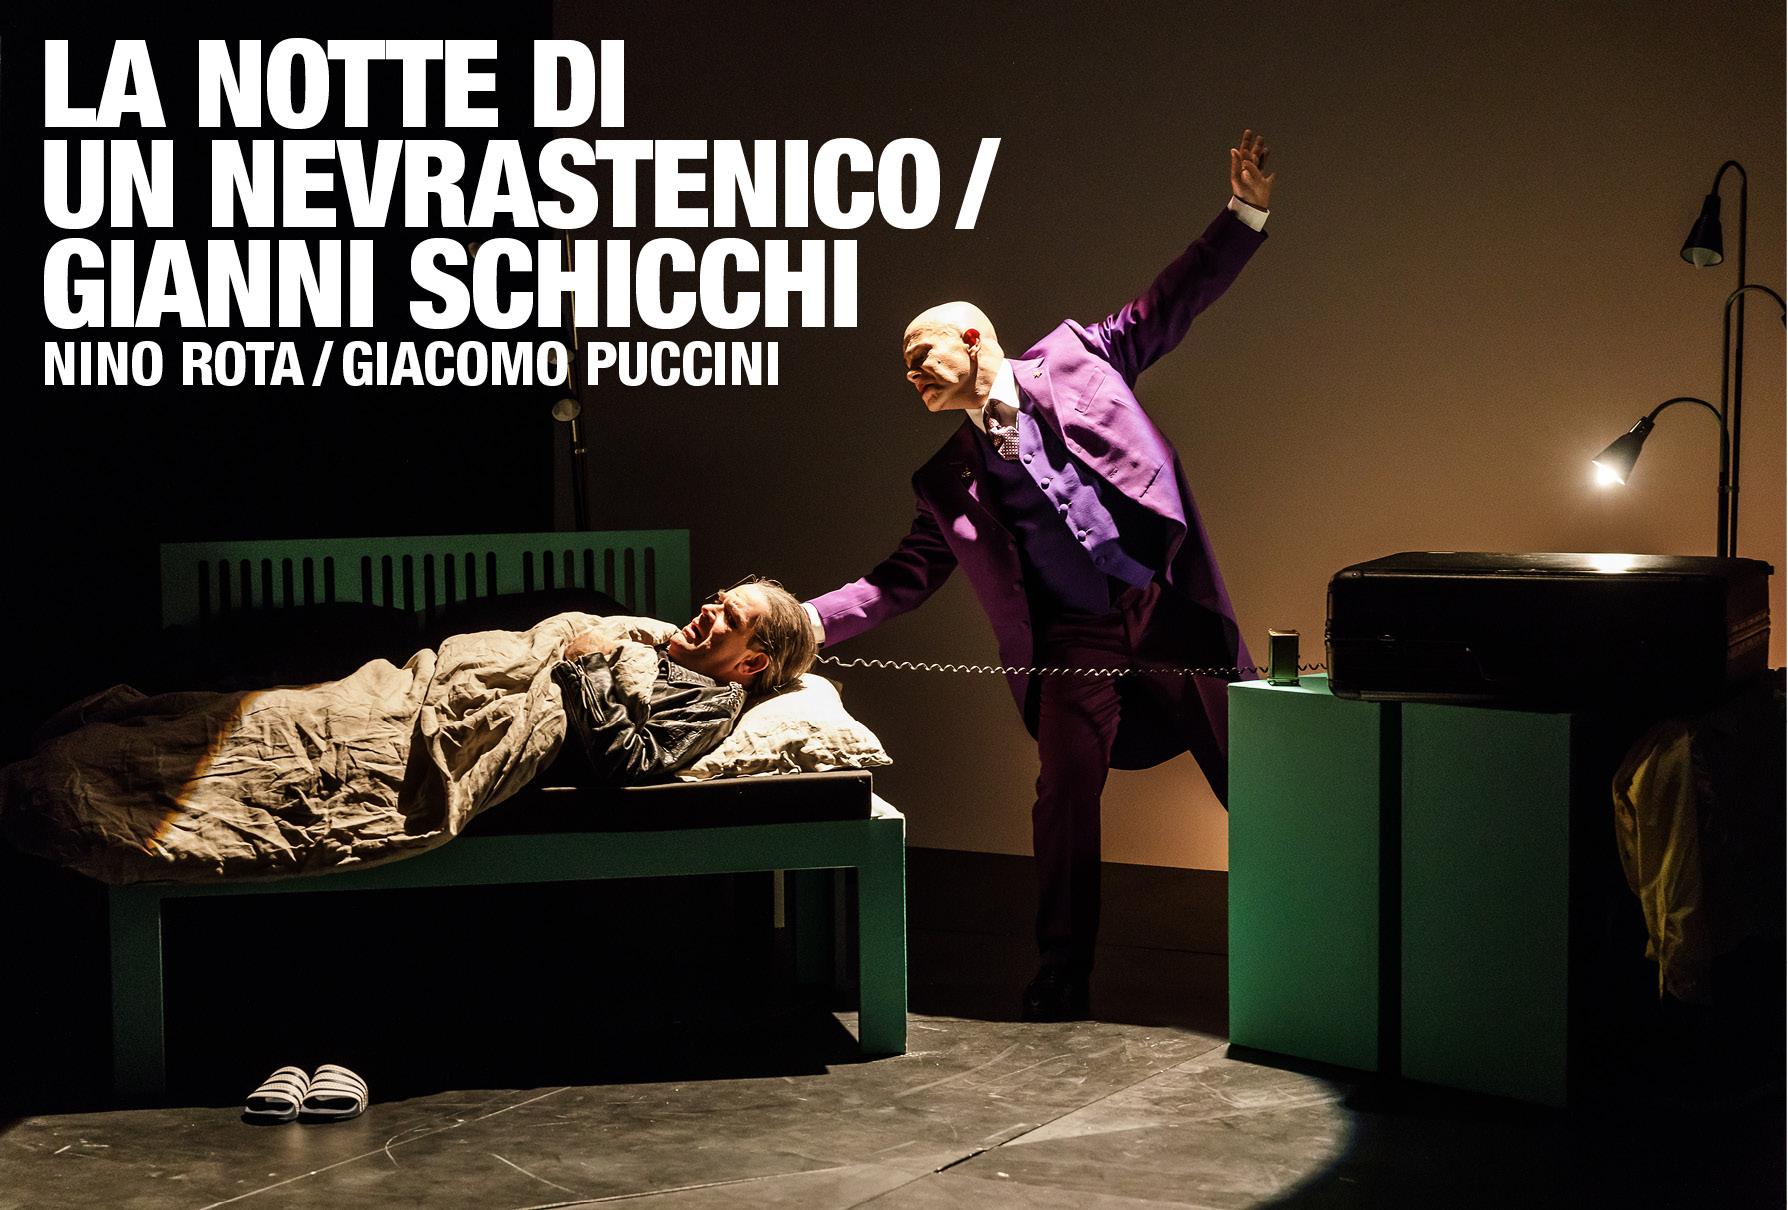 La notte di un nevrastenico / Gianni Schicchi